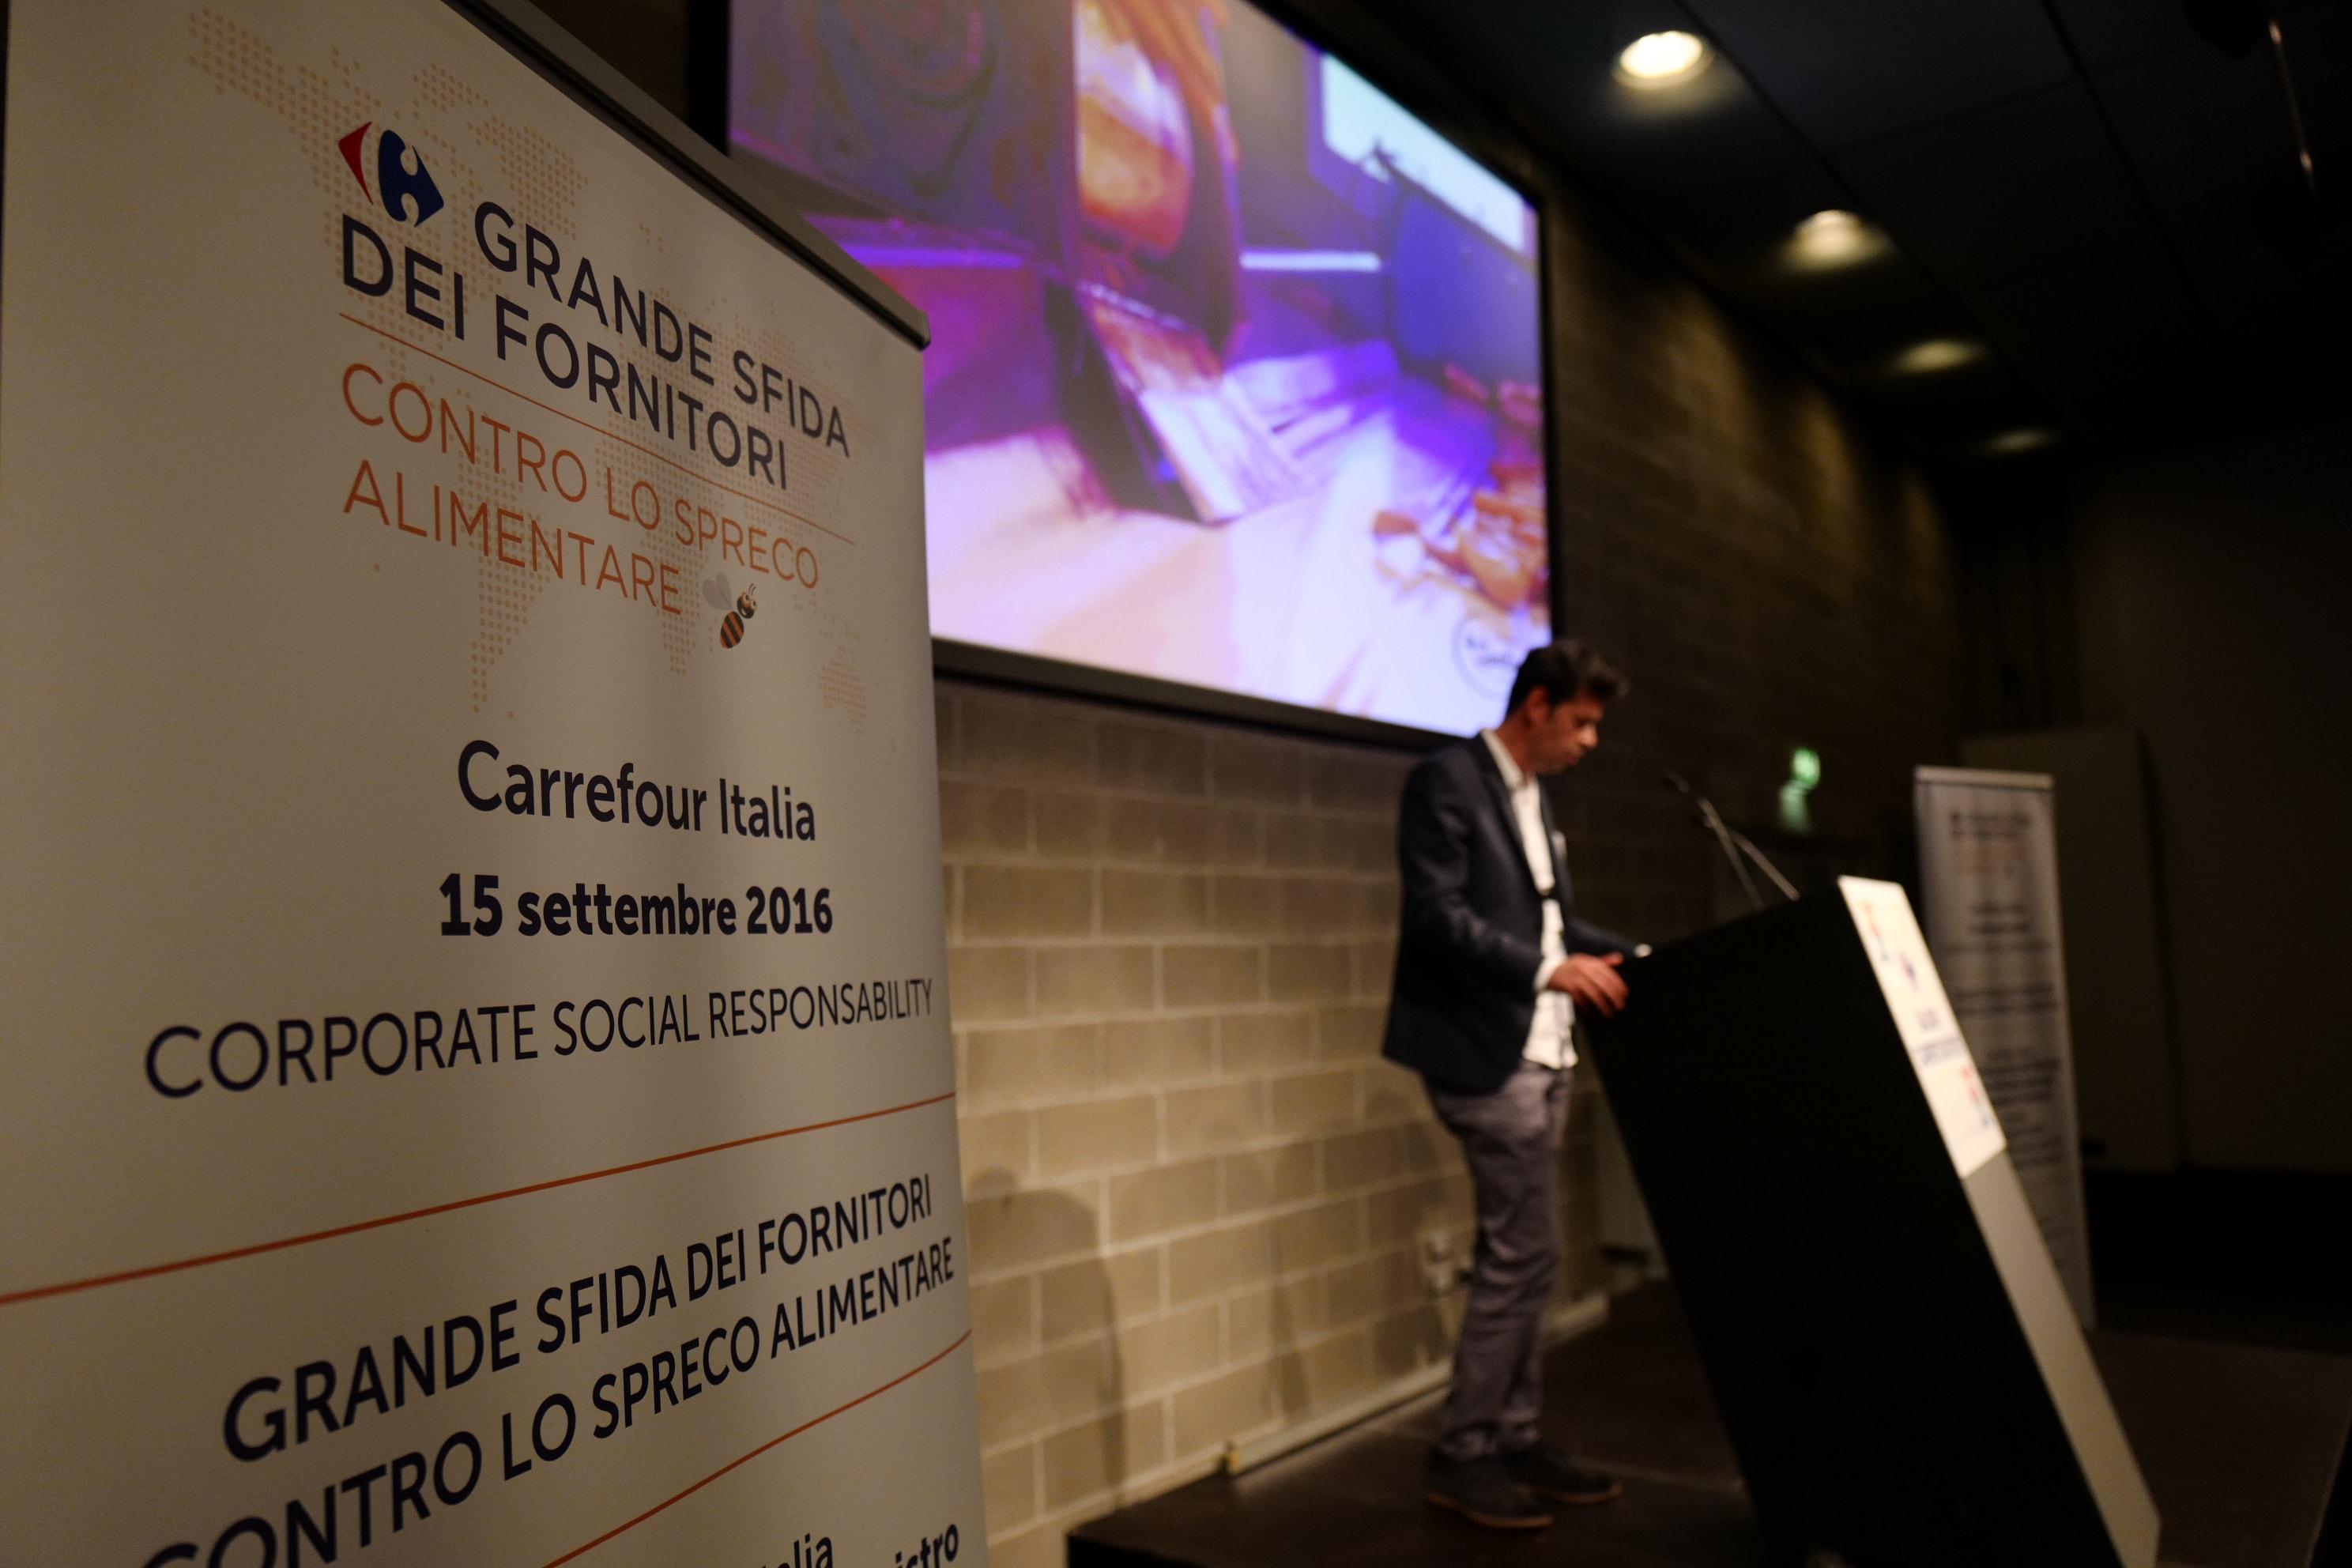 """La Spalla Mauro srl vince il premio """"GRANDE SFIDA DEI FORNITORI"""" di Carrefour"""